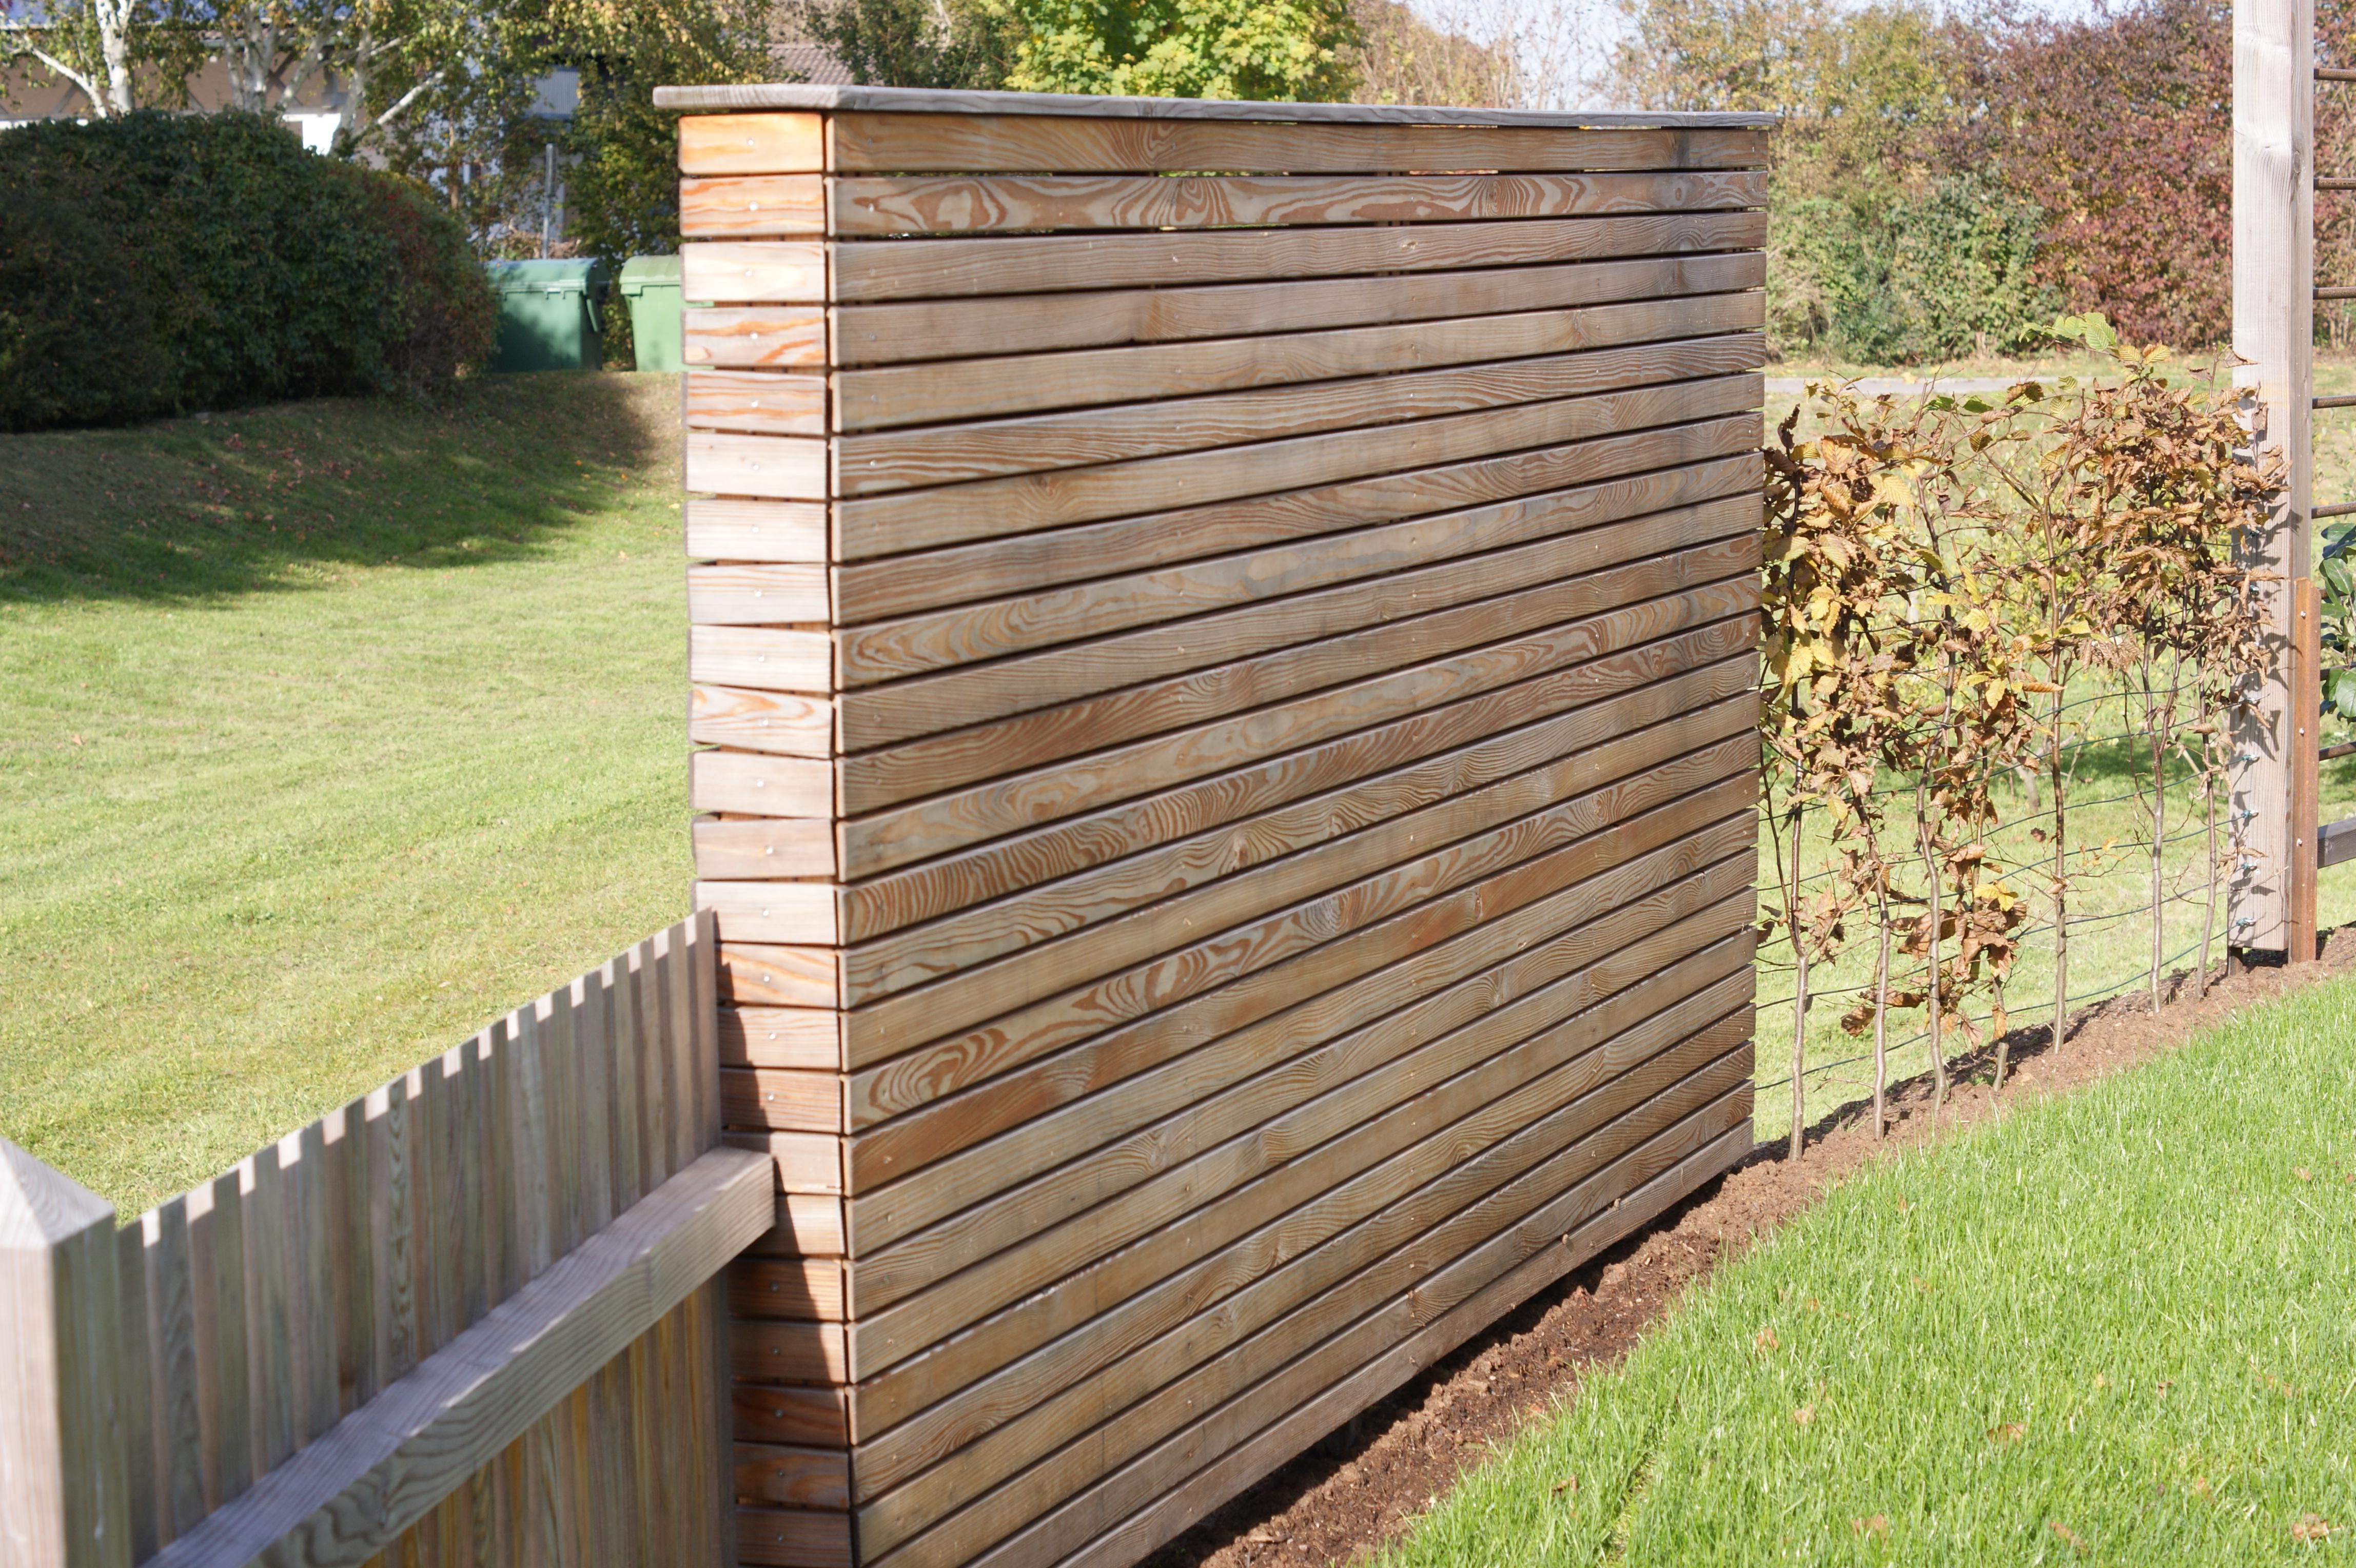 Zaunelemente Holz Sichtschutz Obi ~ Zaunelemente  Sichtschutz